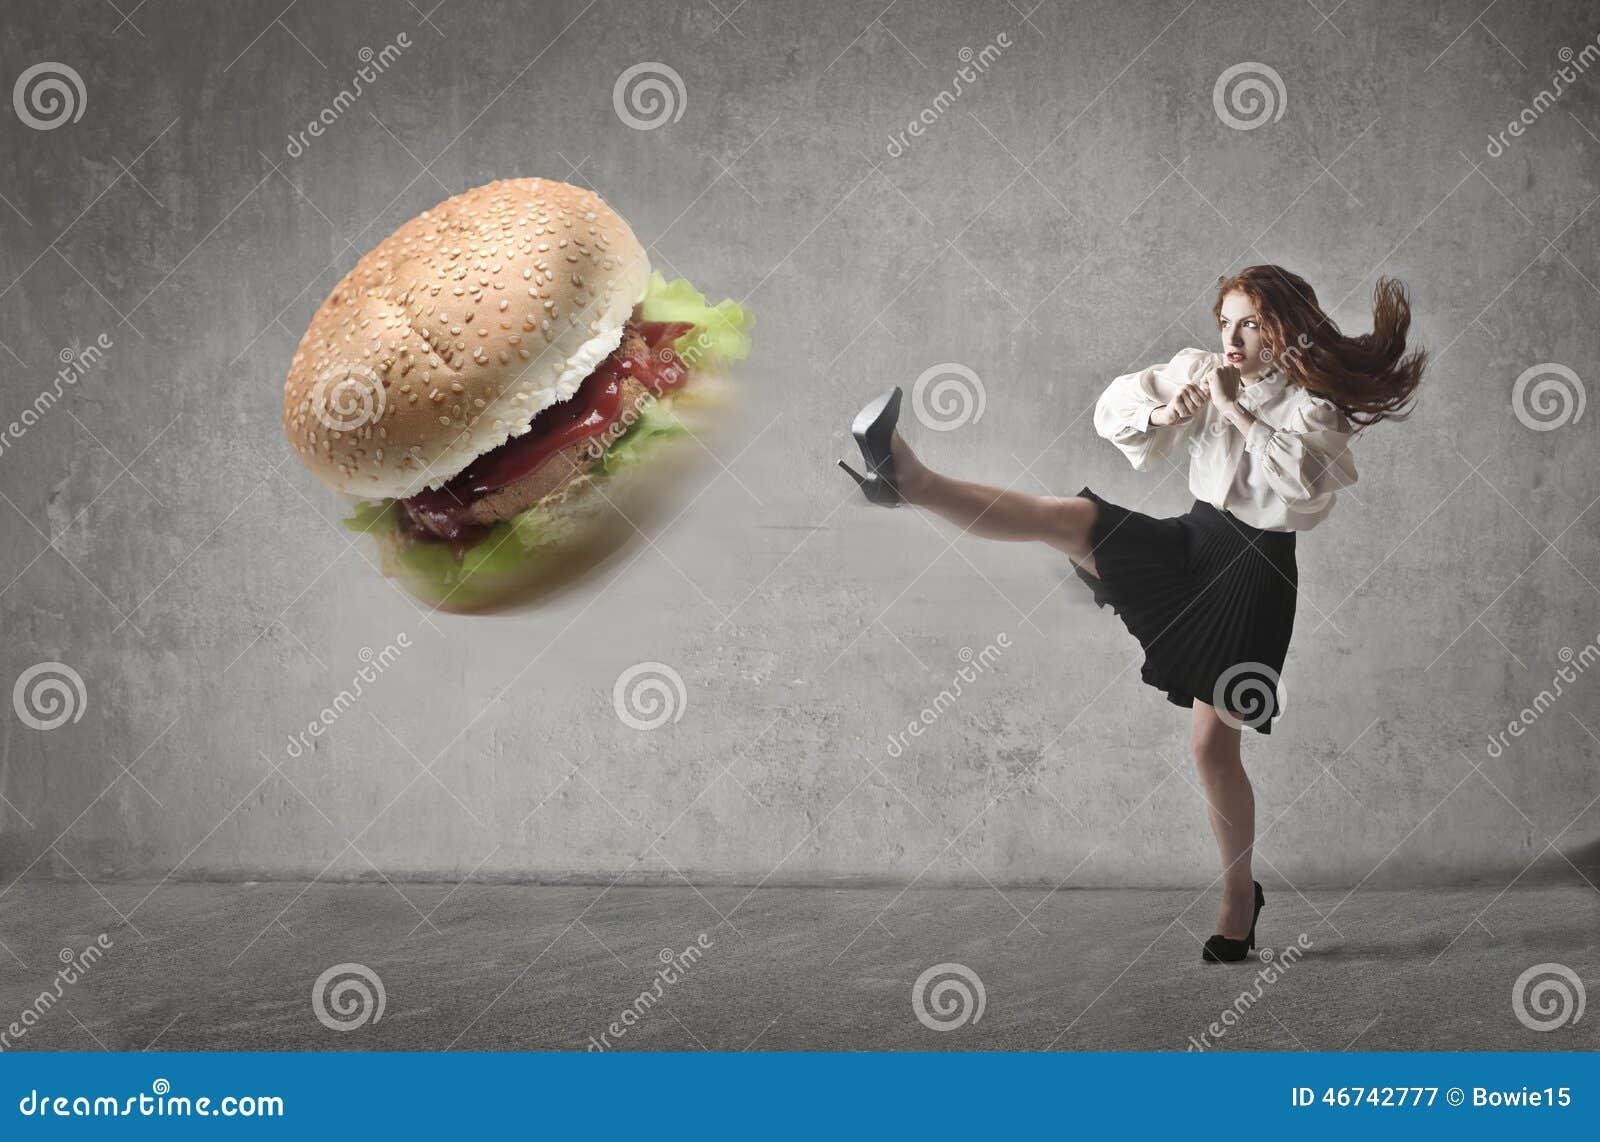 Kicking the hamburger